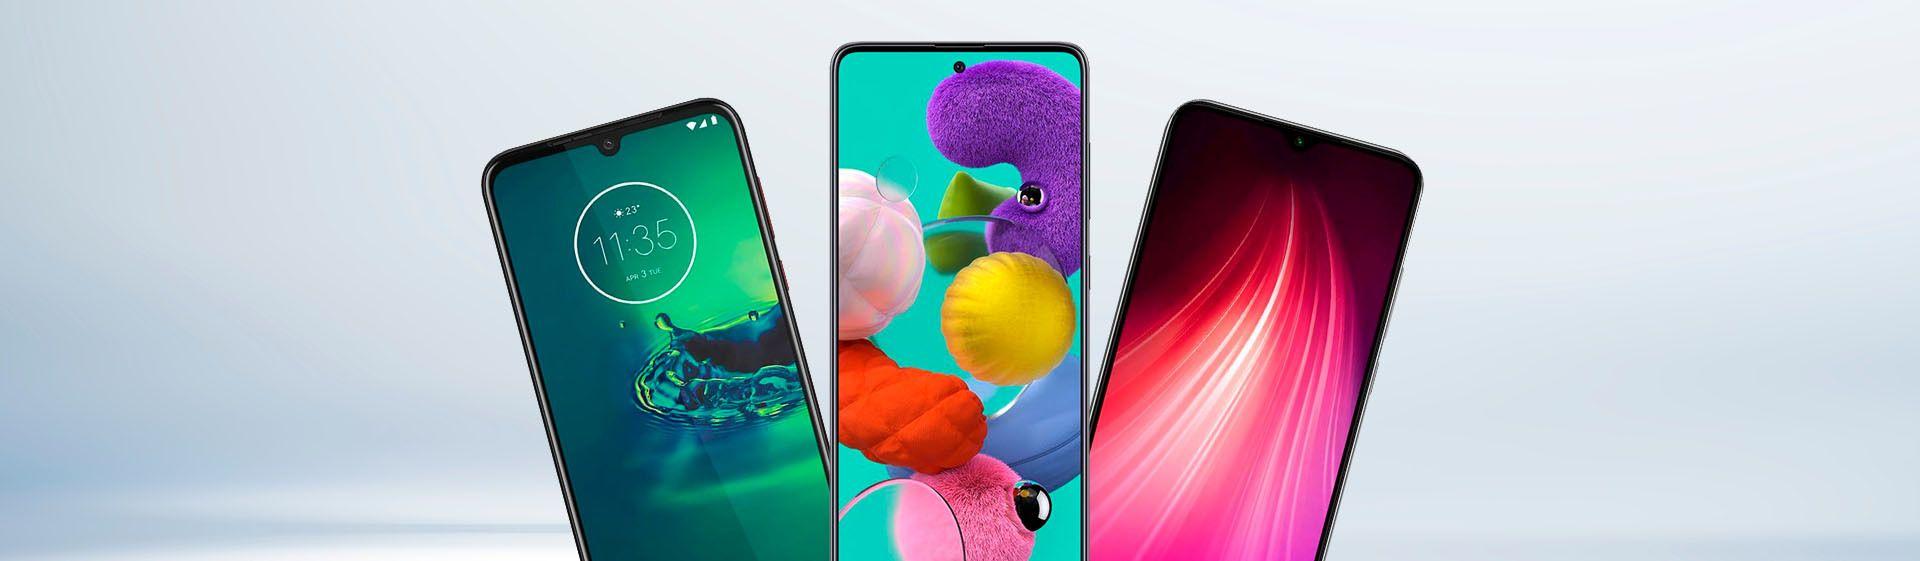 Melhor celular custo-benefício em 2020: qual modelo comprar?